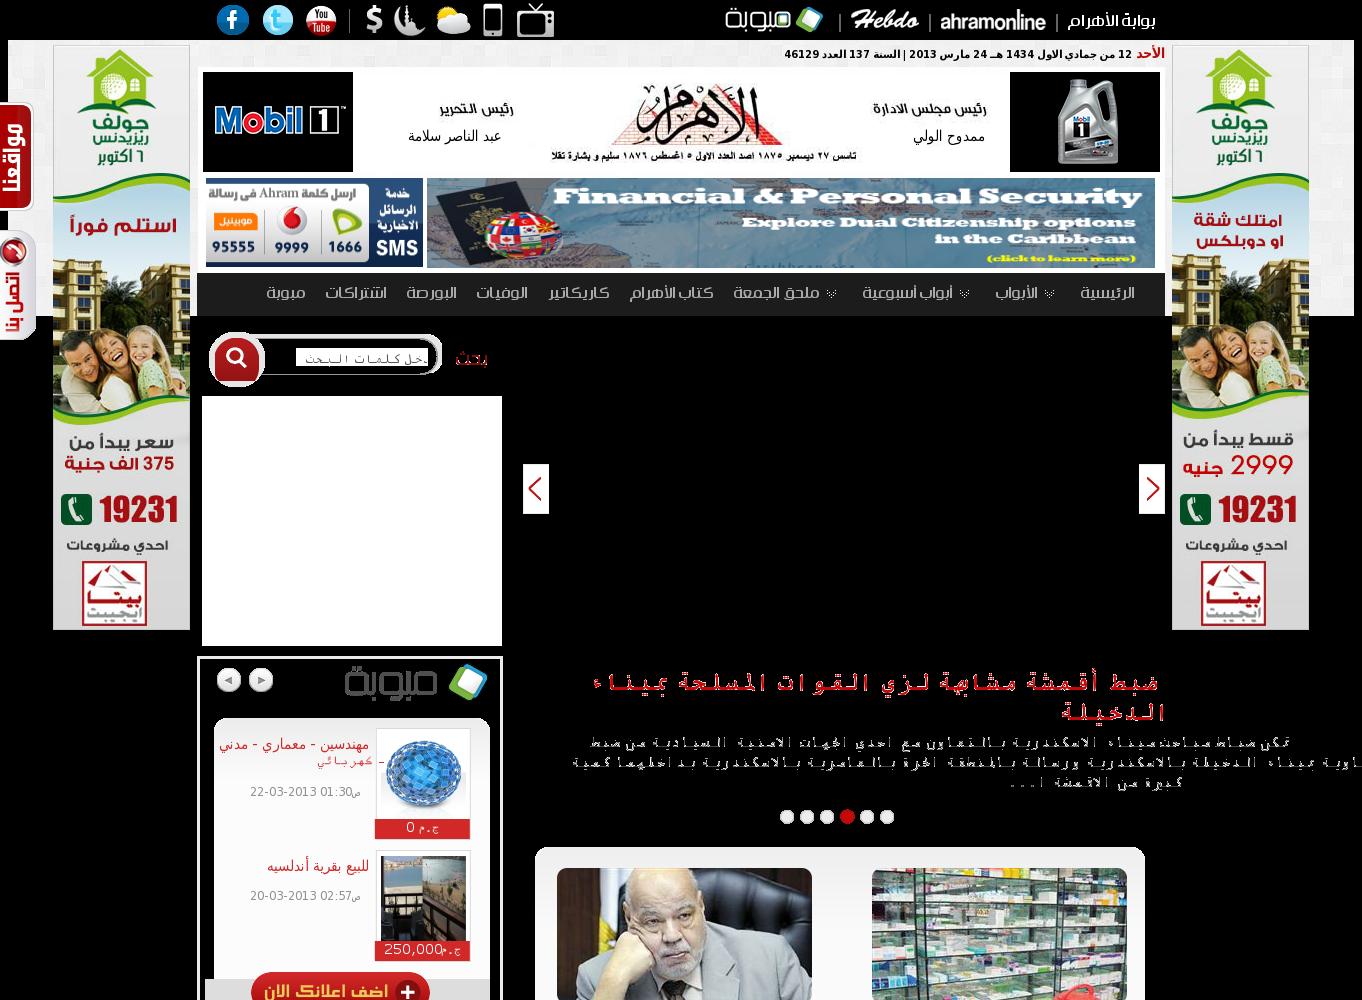 Al-Ahram